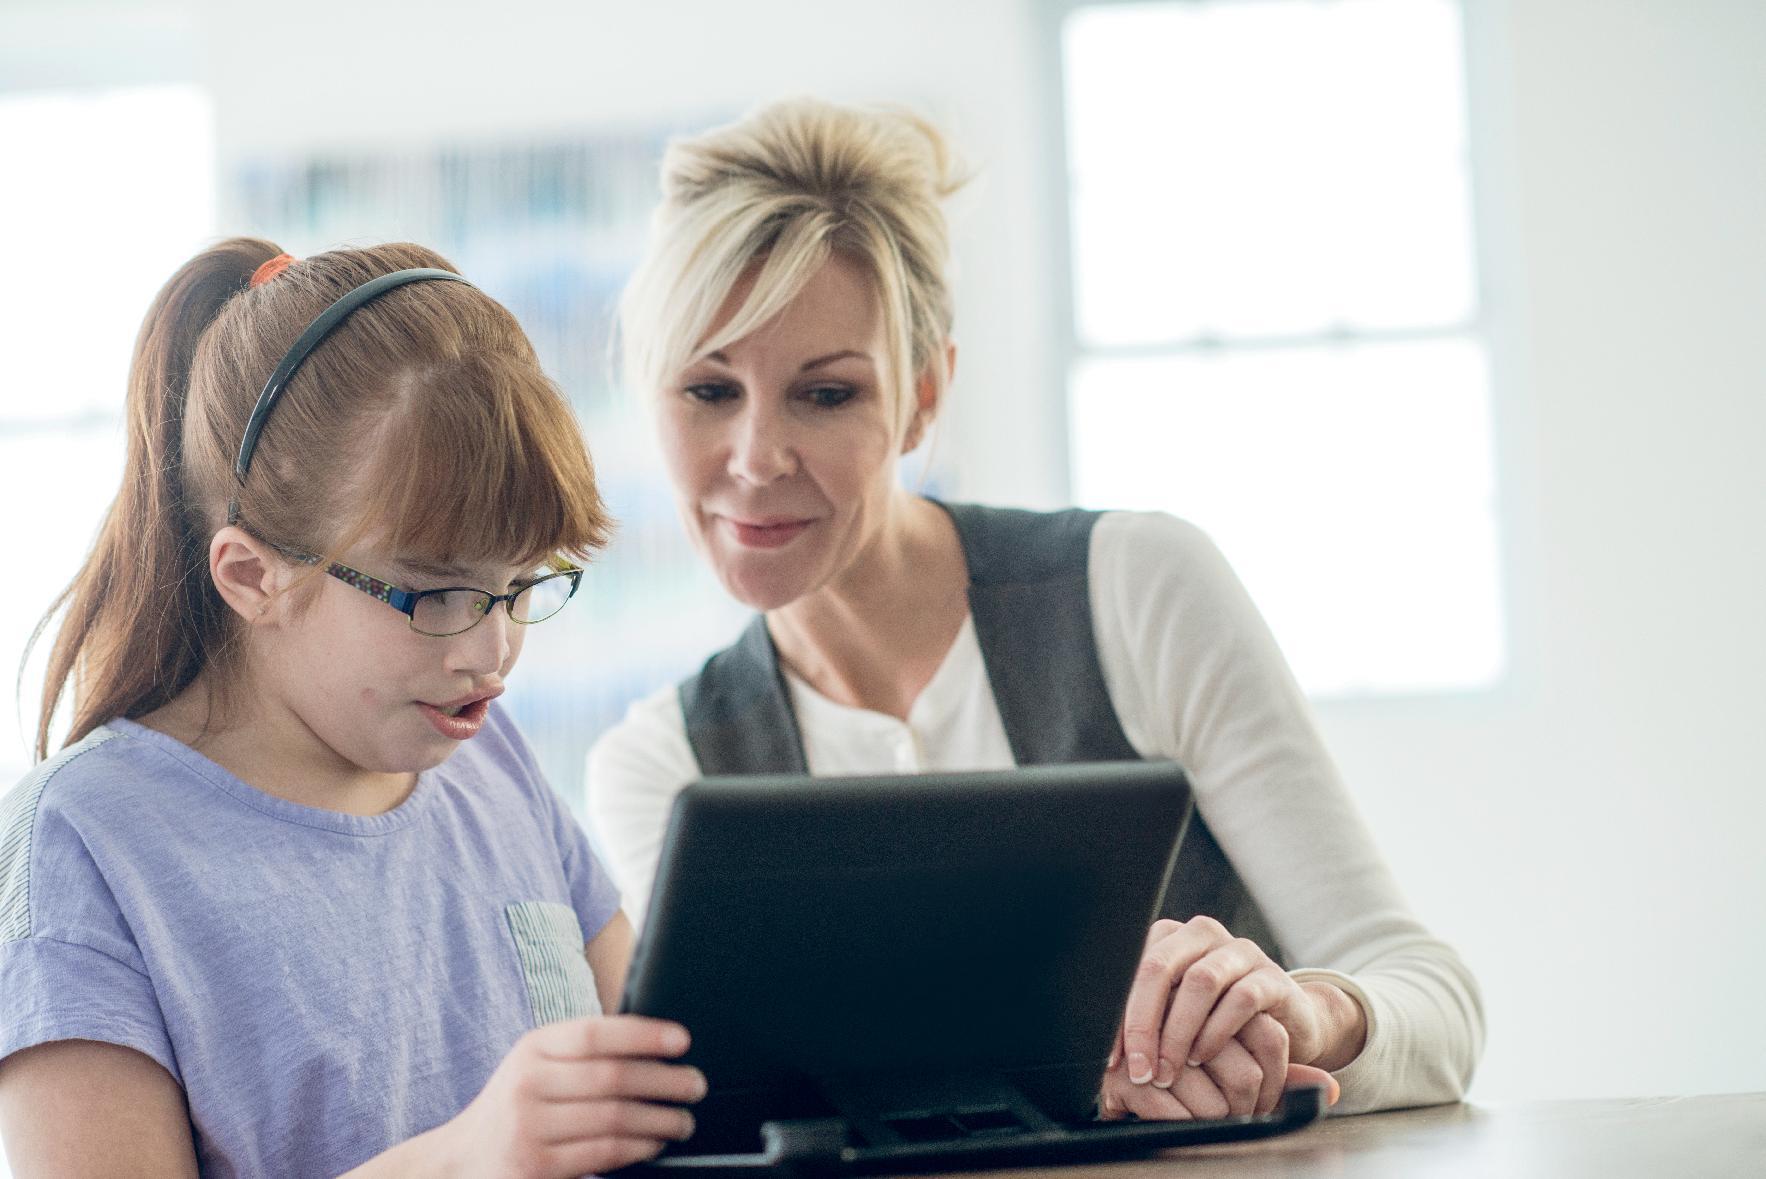 Meisje verstandelijke beperking met begeleider  aan de slag met social media training